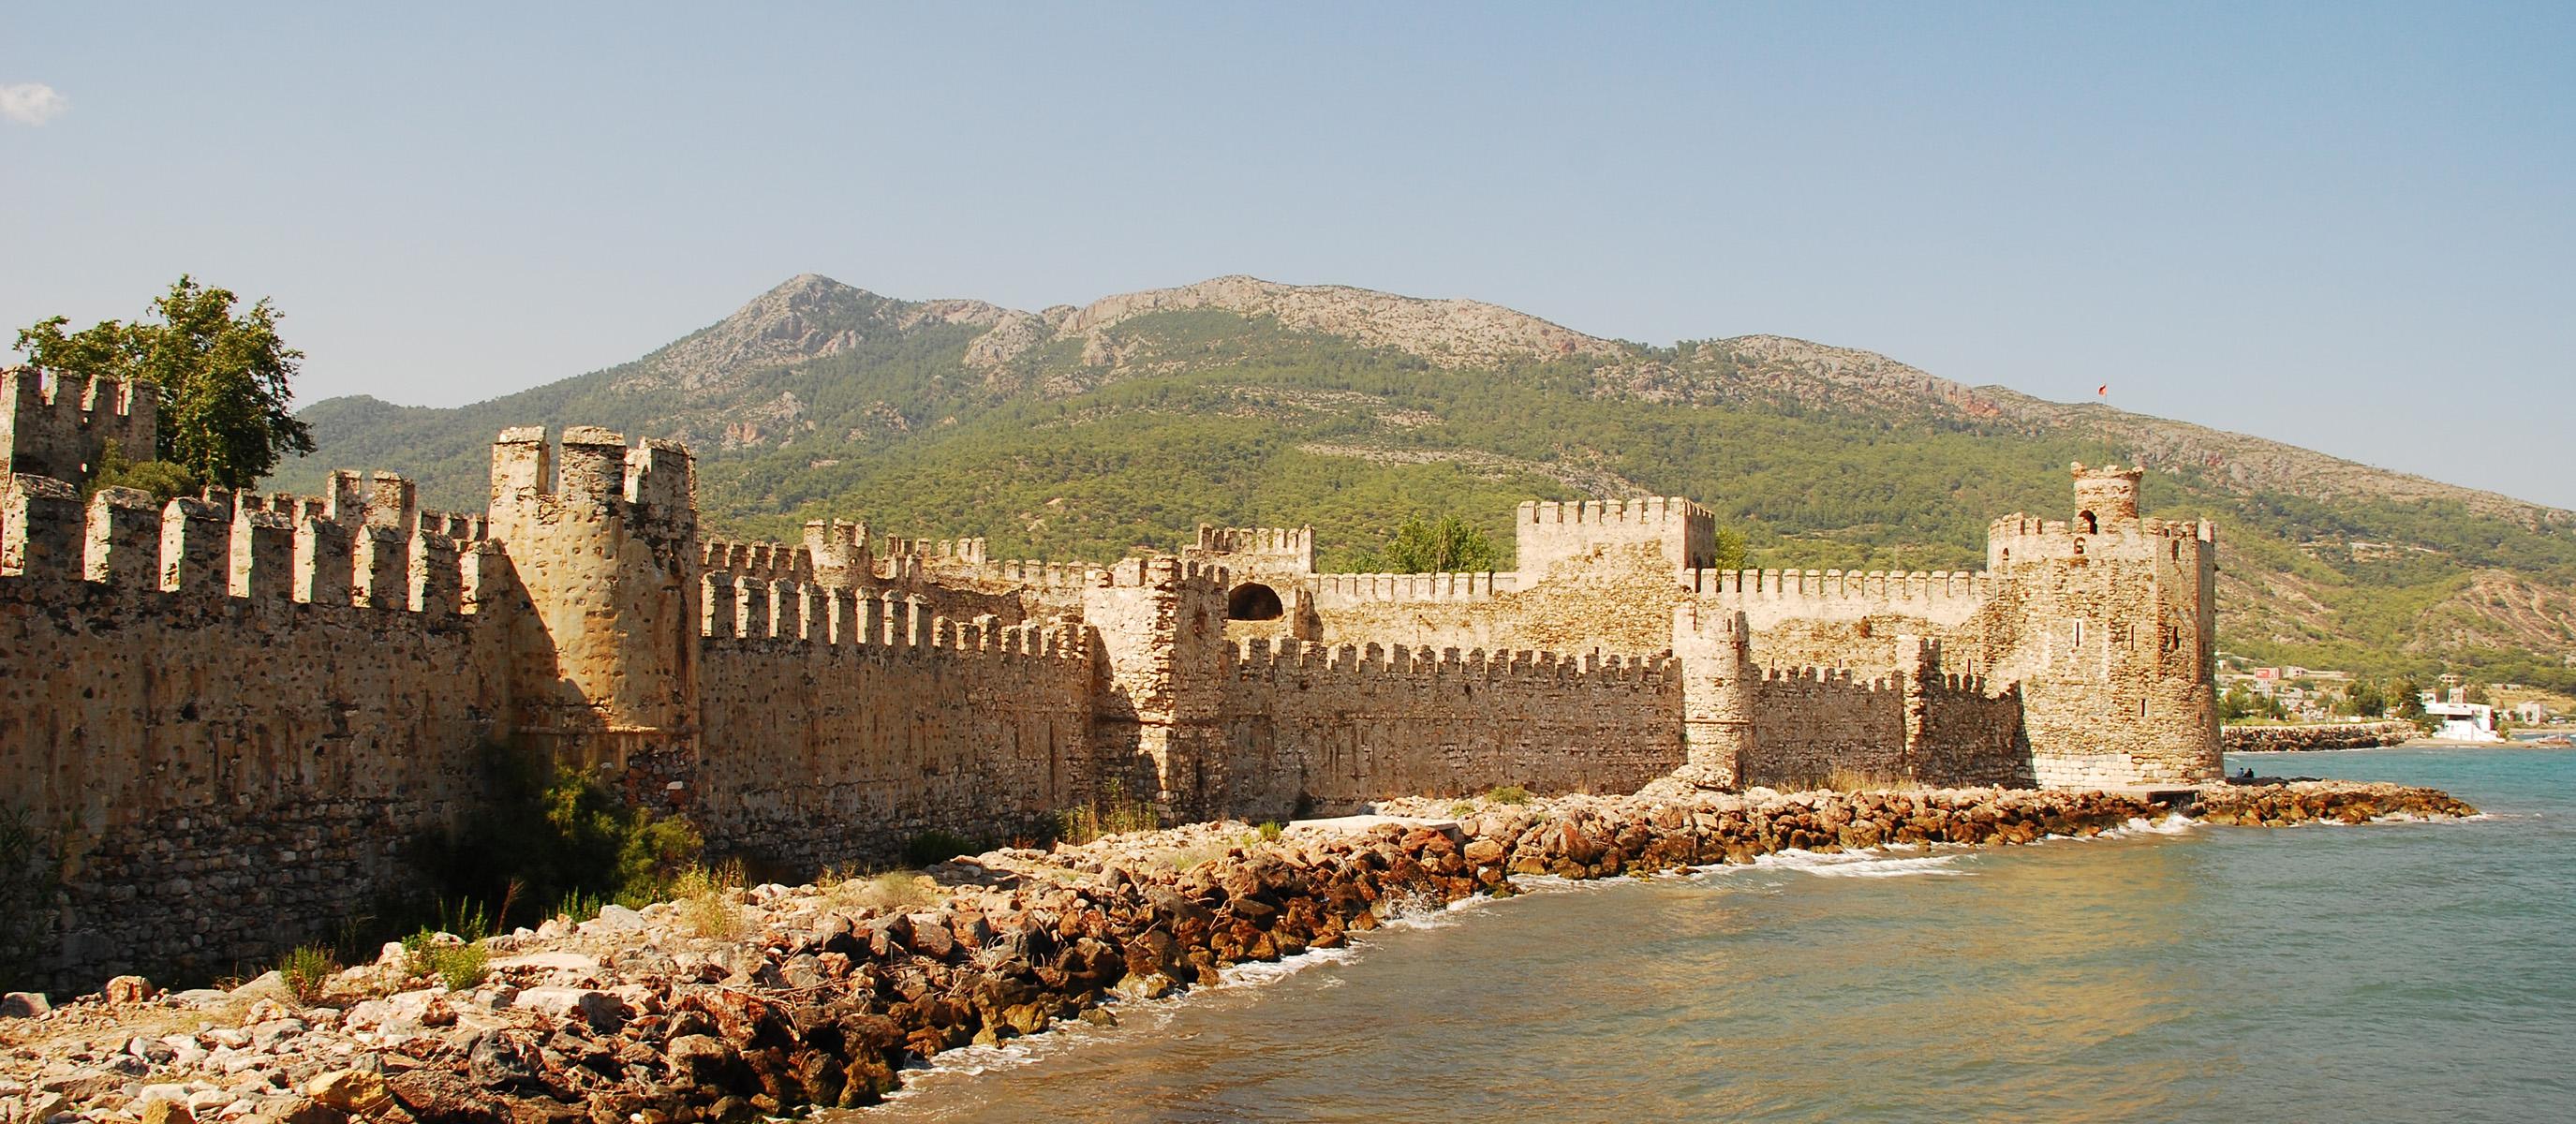 Картинки по запросу Киликия – Могущественное государство христианского Востока.